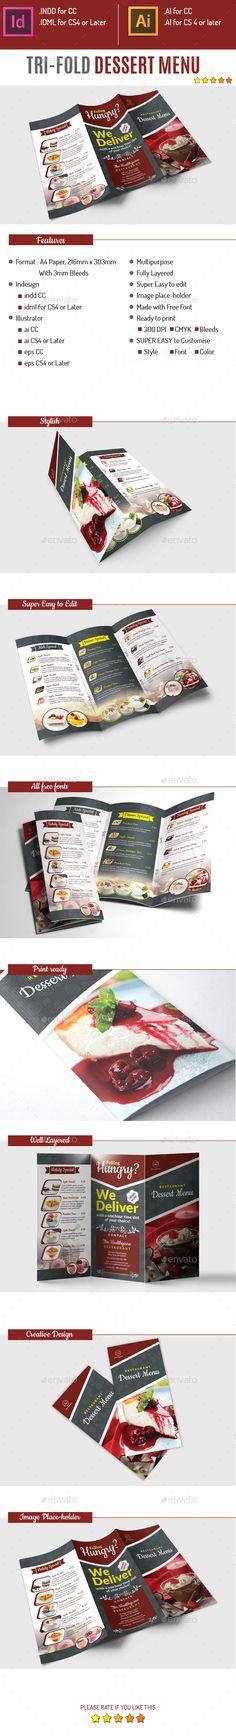 Sweets Dessert Restaurant Menu Desserts, Dessert restaurants and - dessert menu template